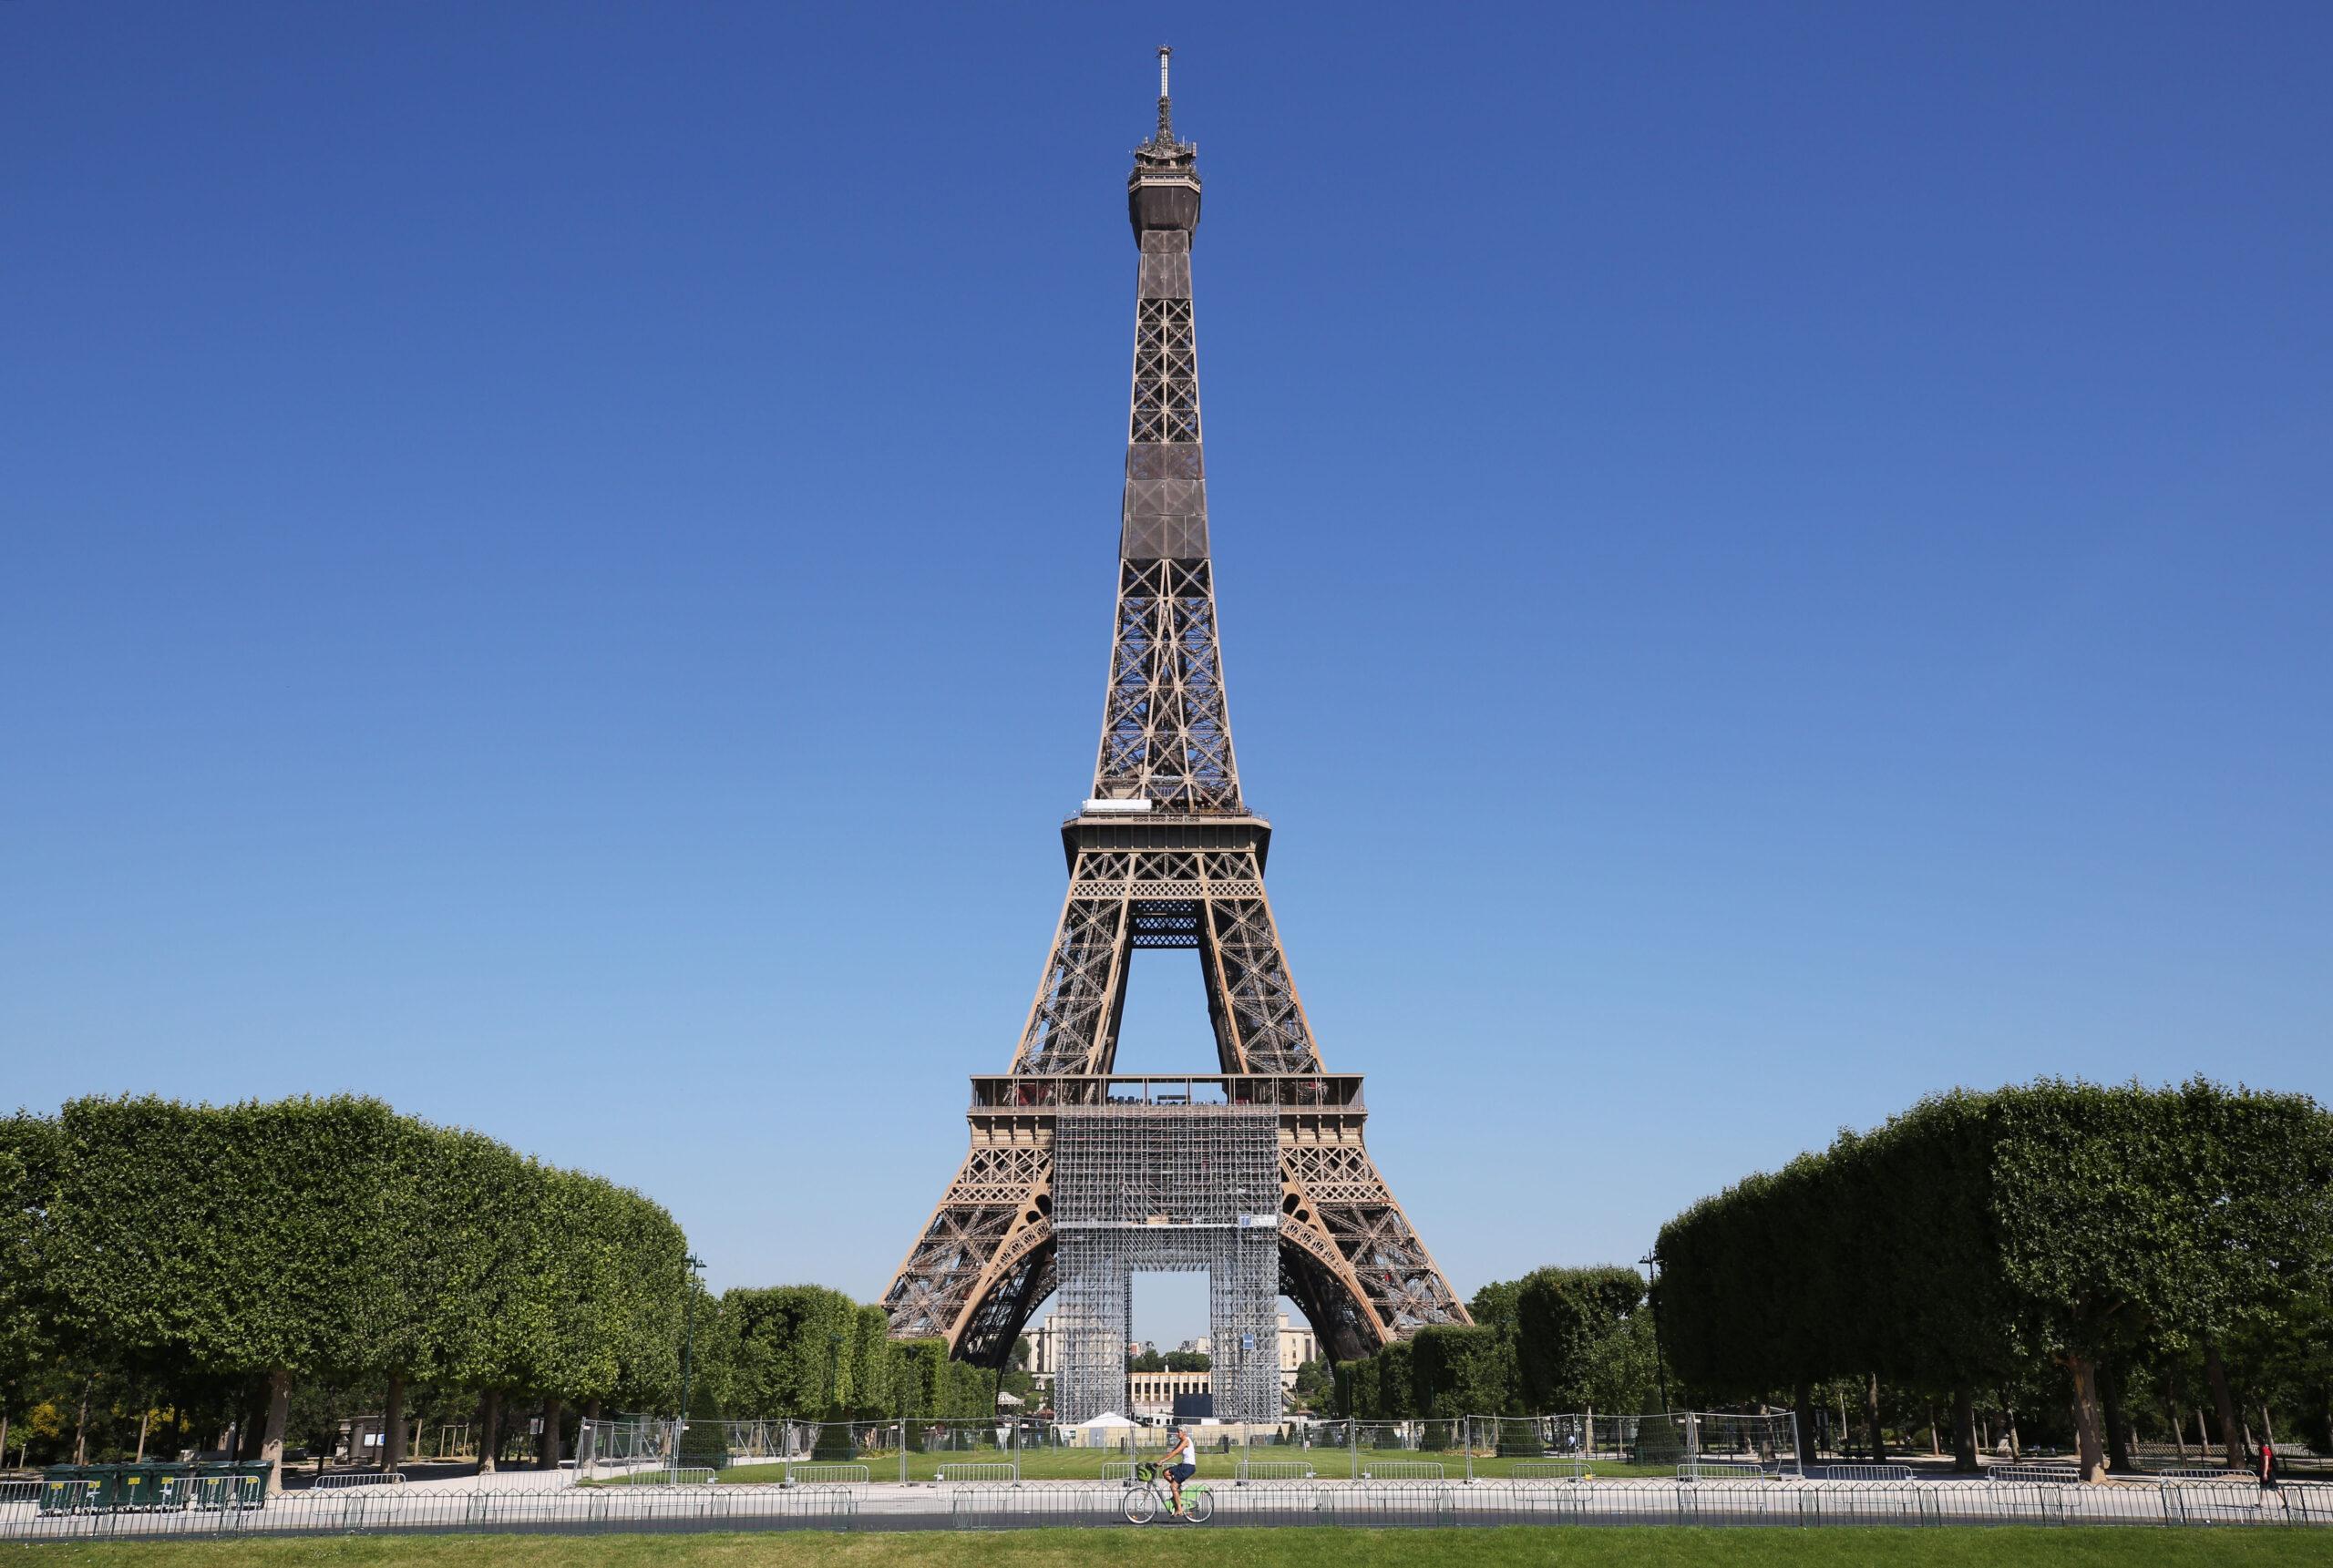 ฝรั่งเศสปรับกูเกิล 220 ล้านยูโร ปม 'ผูกขาดธุรกิจโฆษณาออนไลน์'